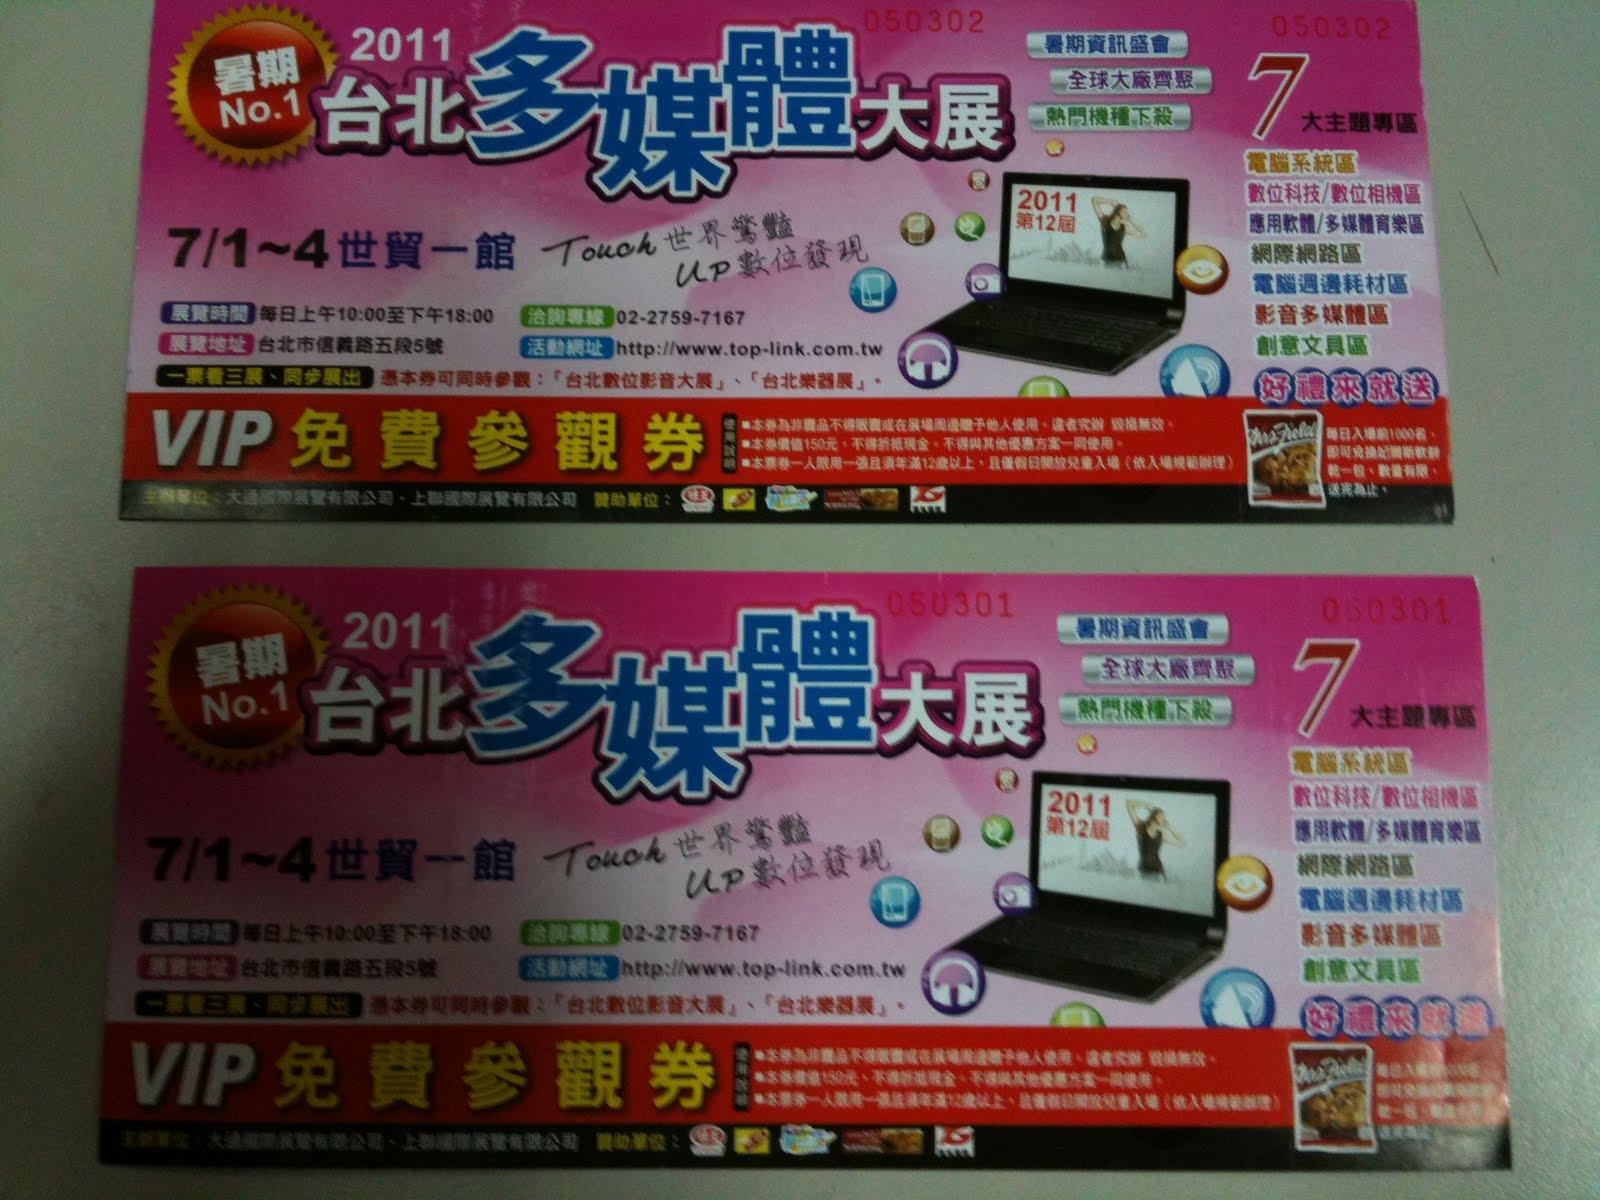 天母商圈發展協會Tianmu Marketplace Development Association: 寫網誌送門票-臺北多媒體大展門票兩張